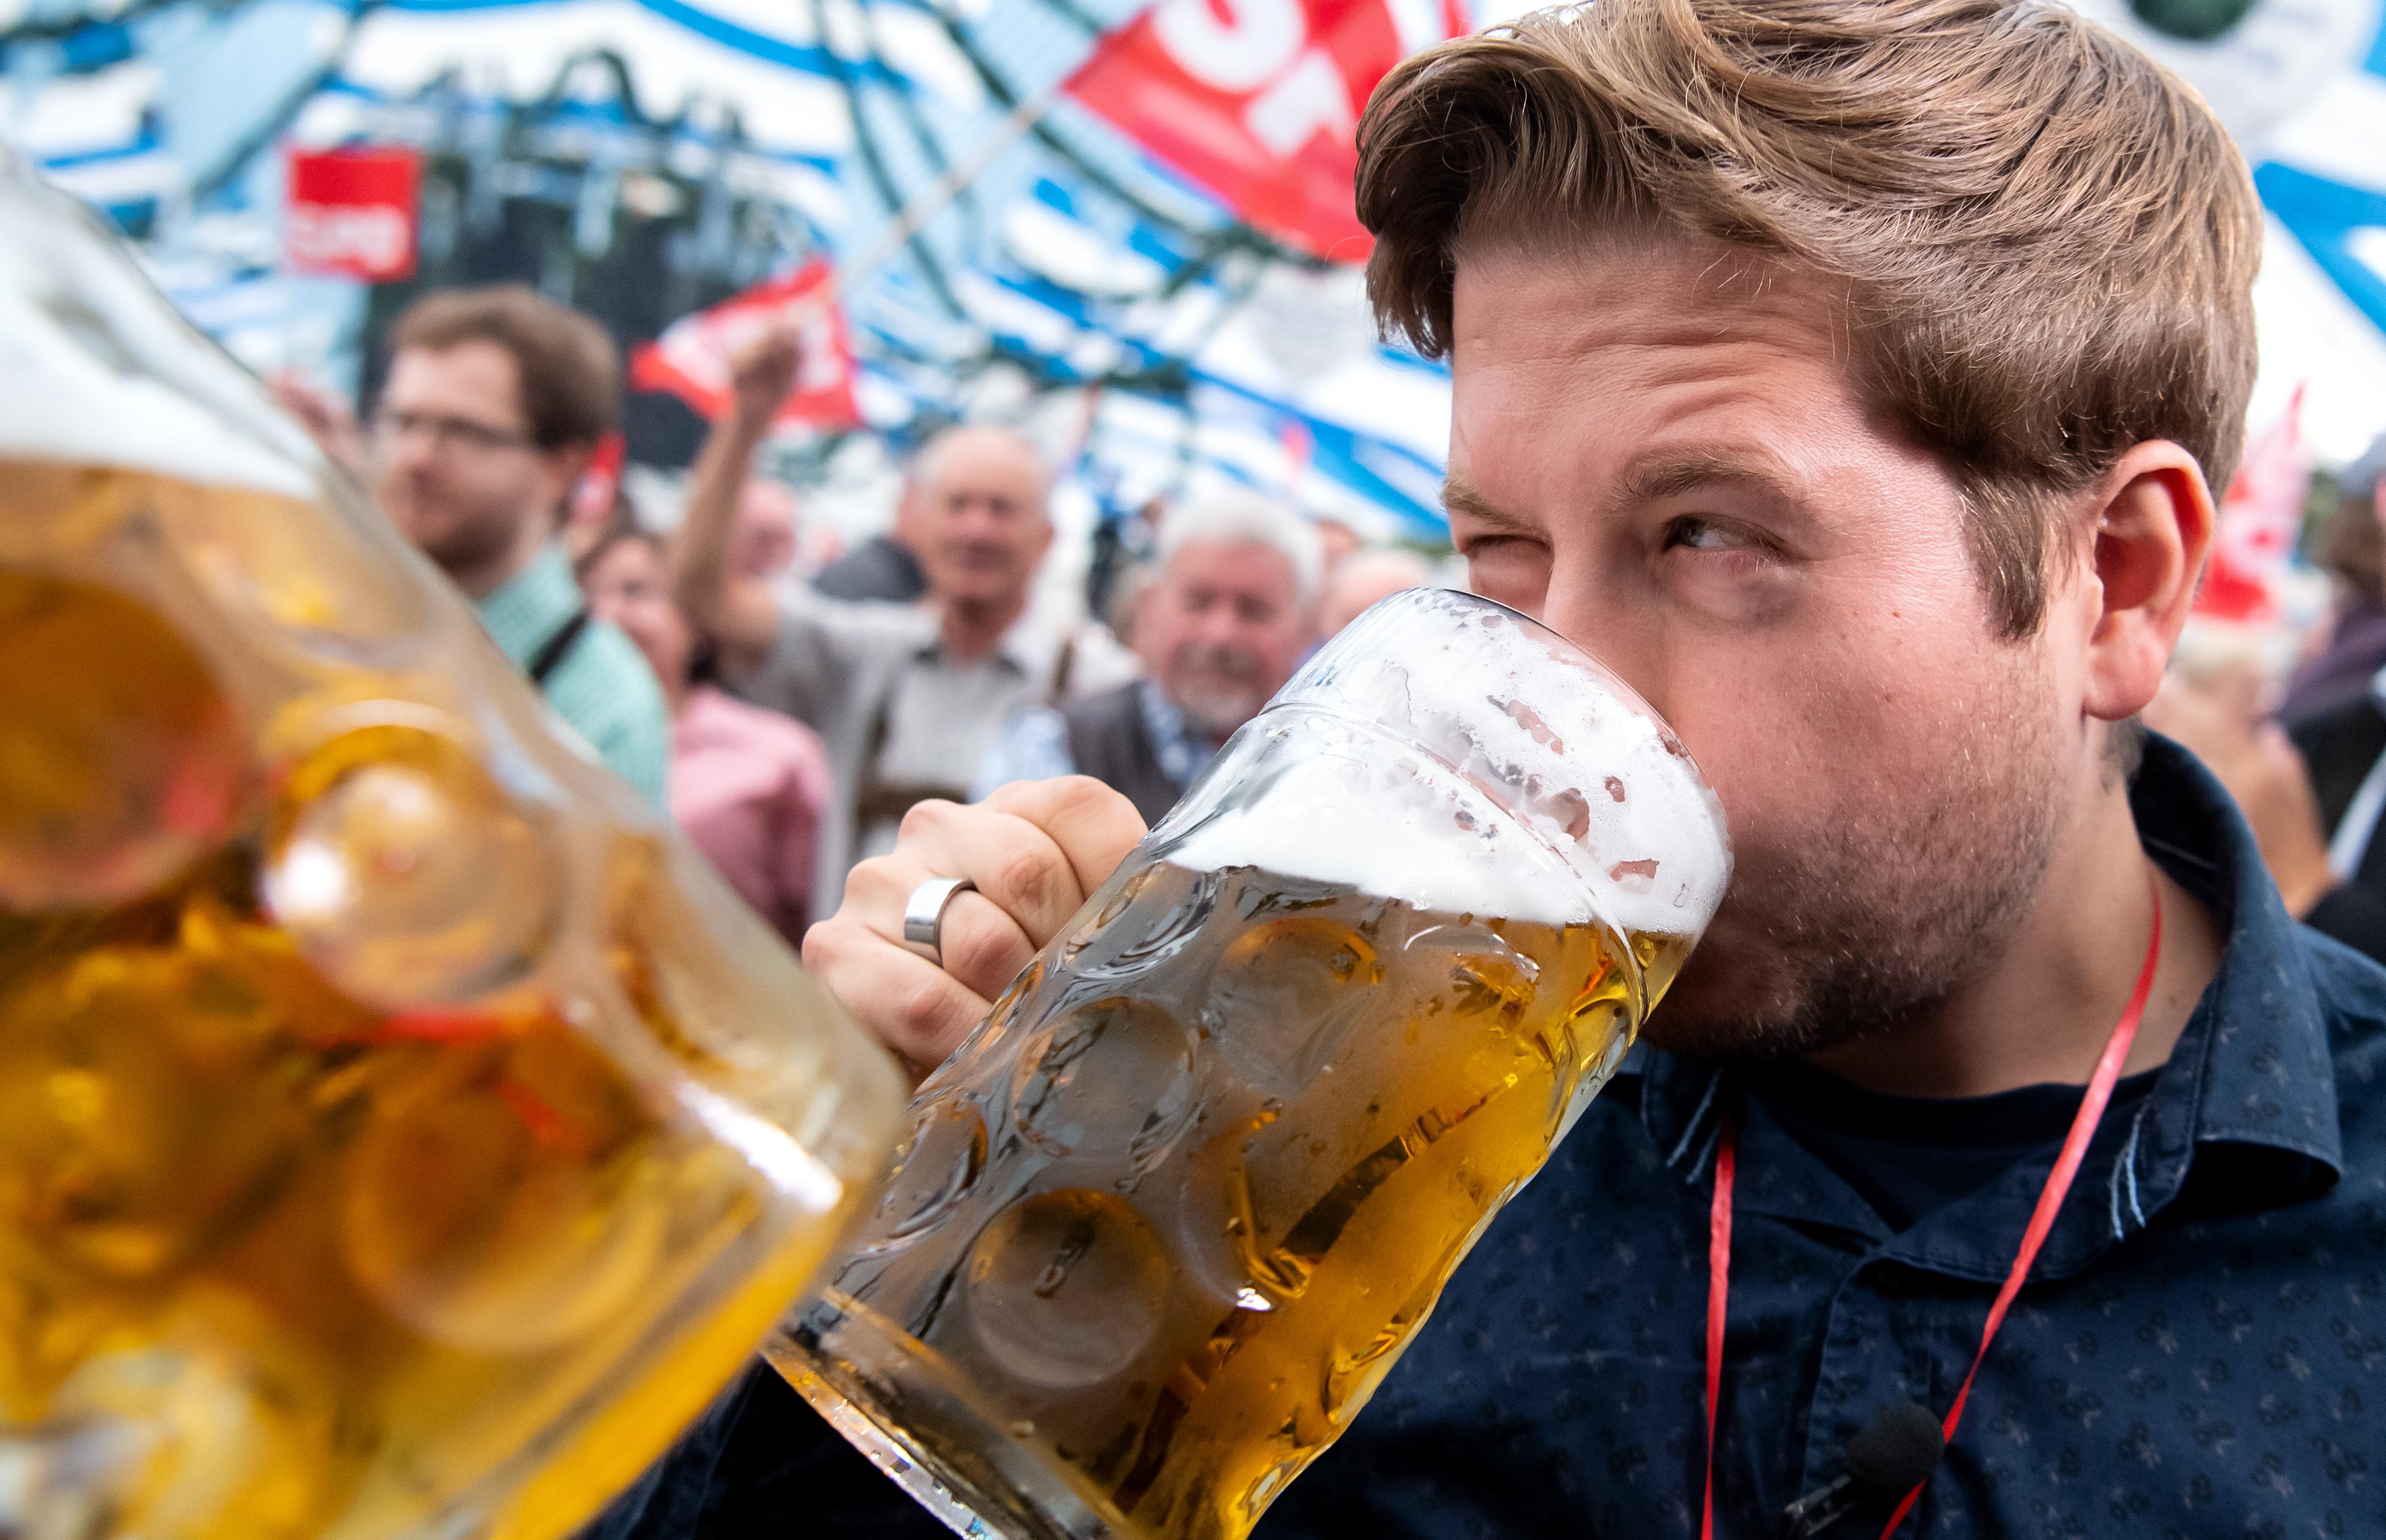 Political morning pint at Gillamoos folk festival - SPD